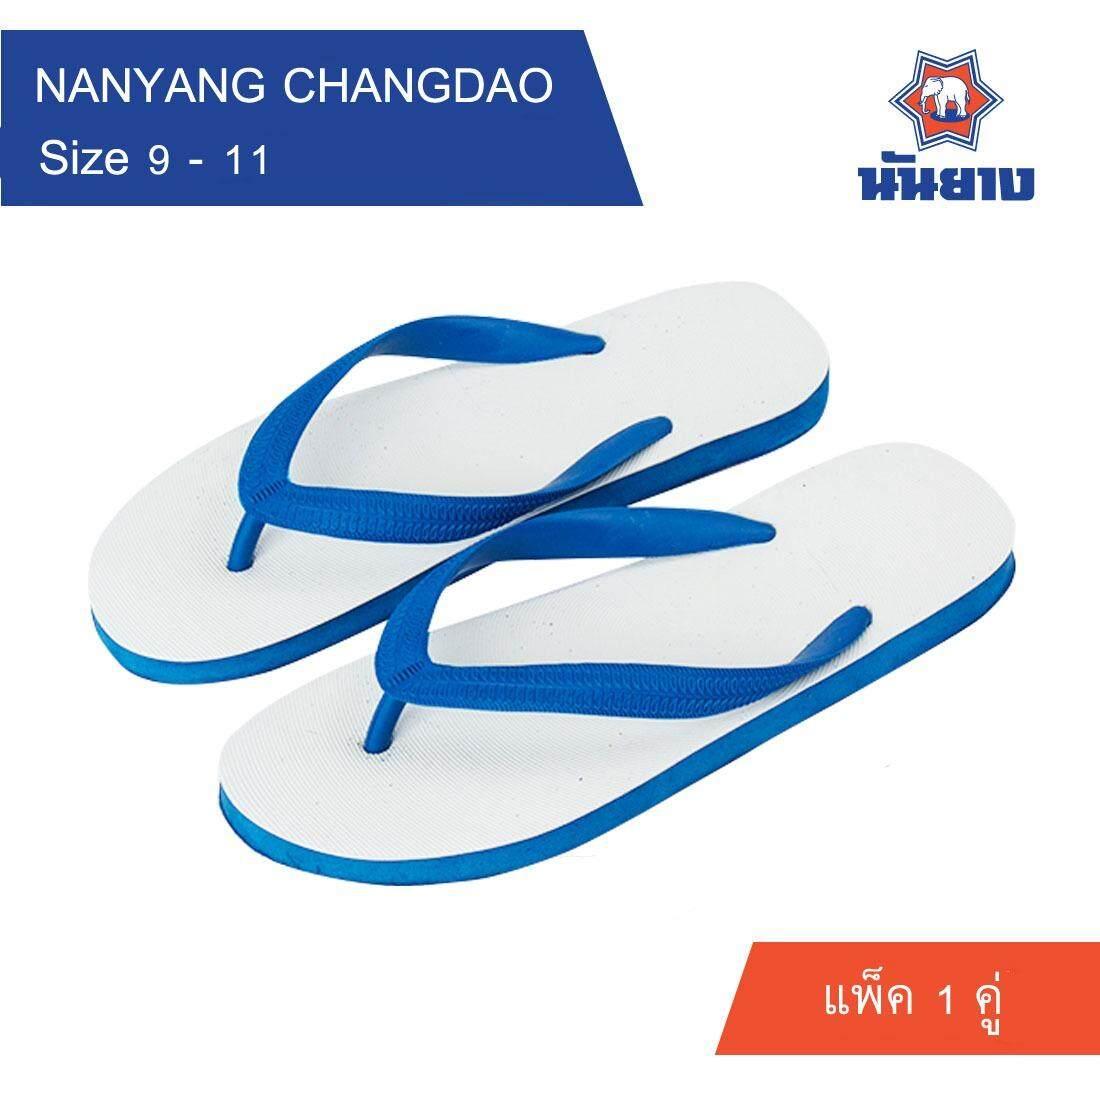 Nanyang รองเท้าแตะช้างดาว สีน้ำเงิน